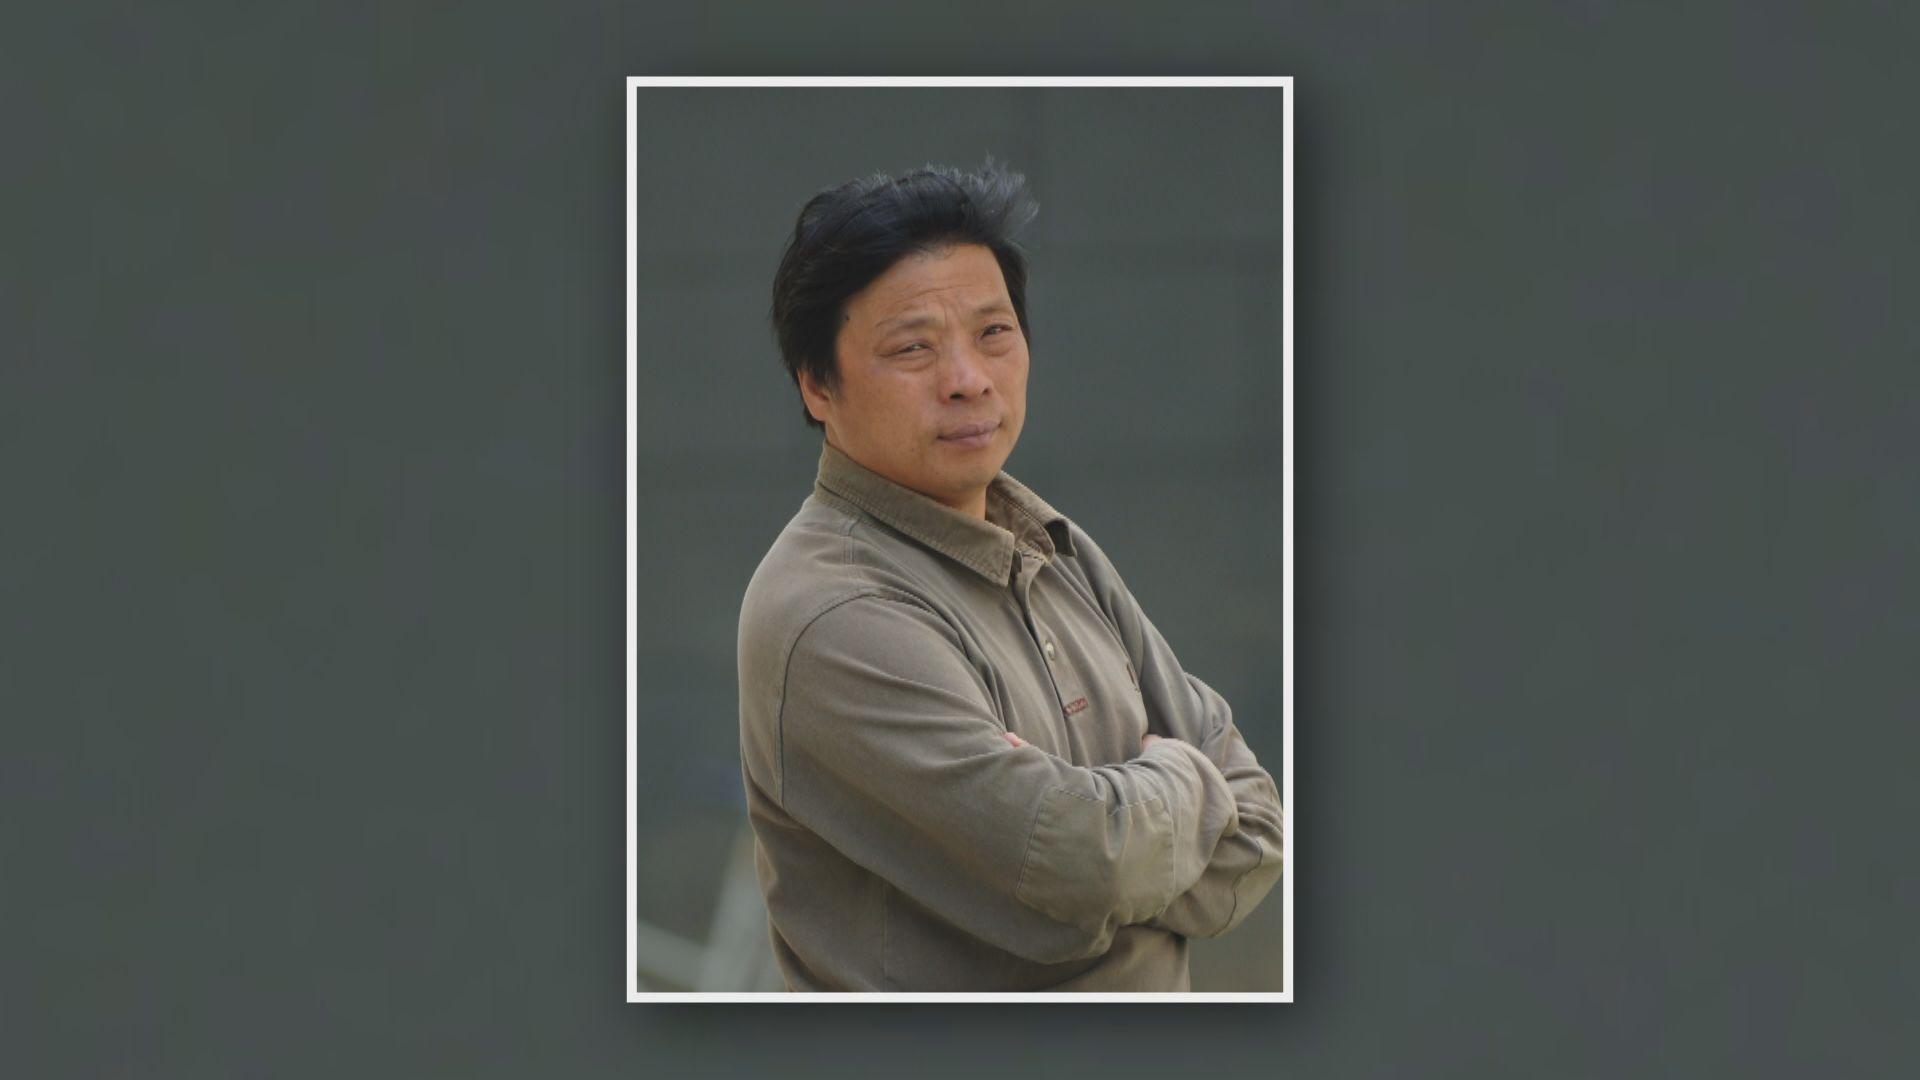 消息指內地攝影師盧廣被國保帶走